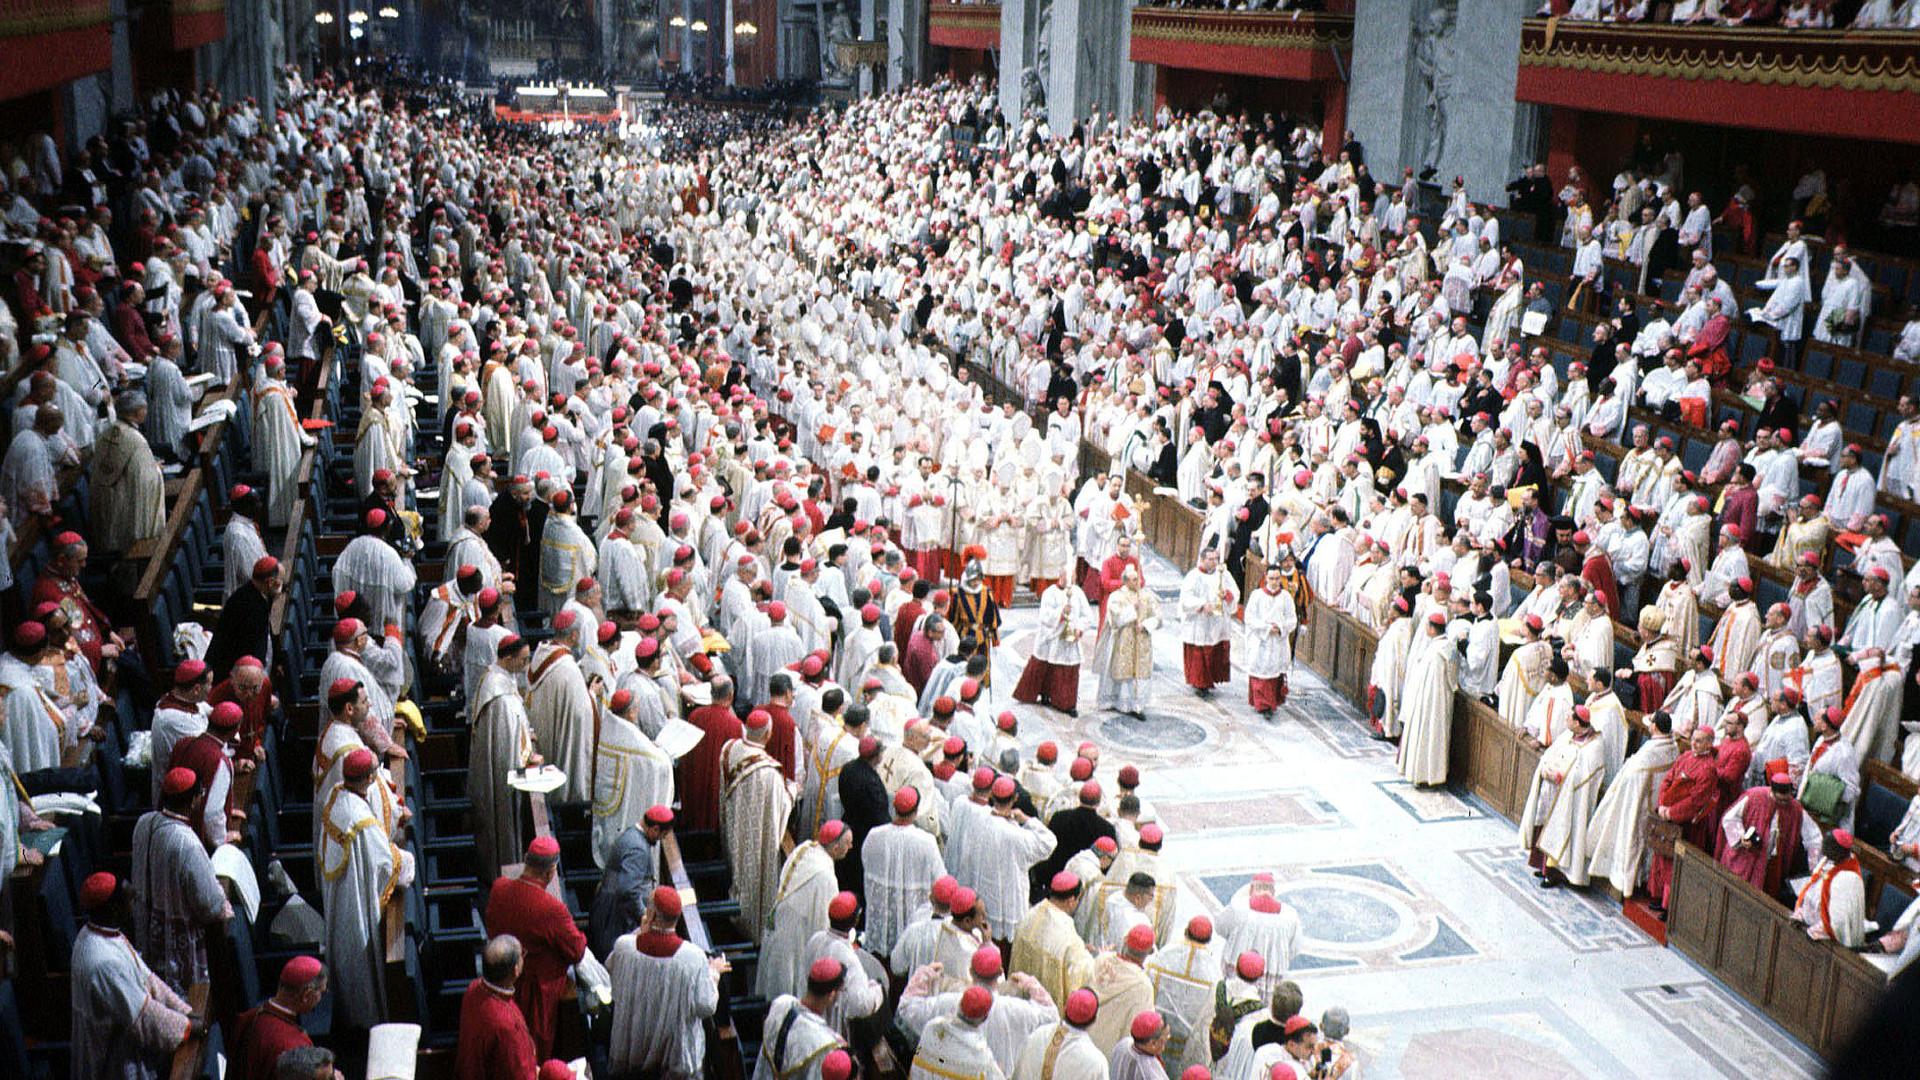 Zweites Vatikanisches Konzil -  Einzug in den Petersdom zum Ende des Konzils